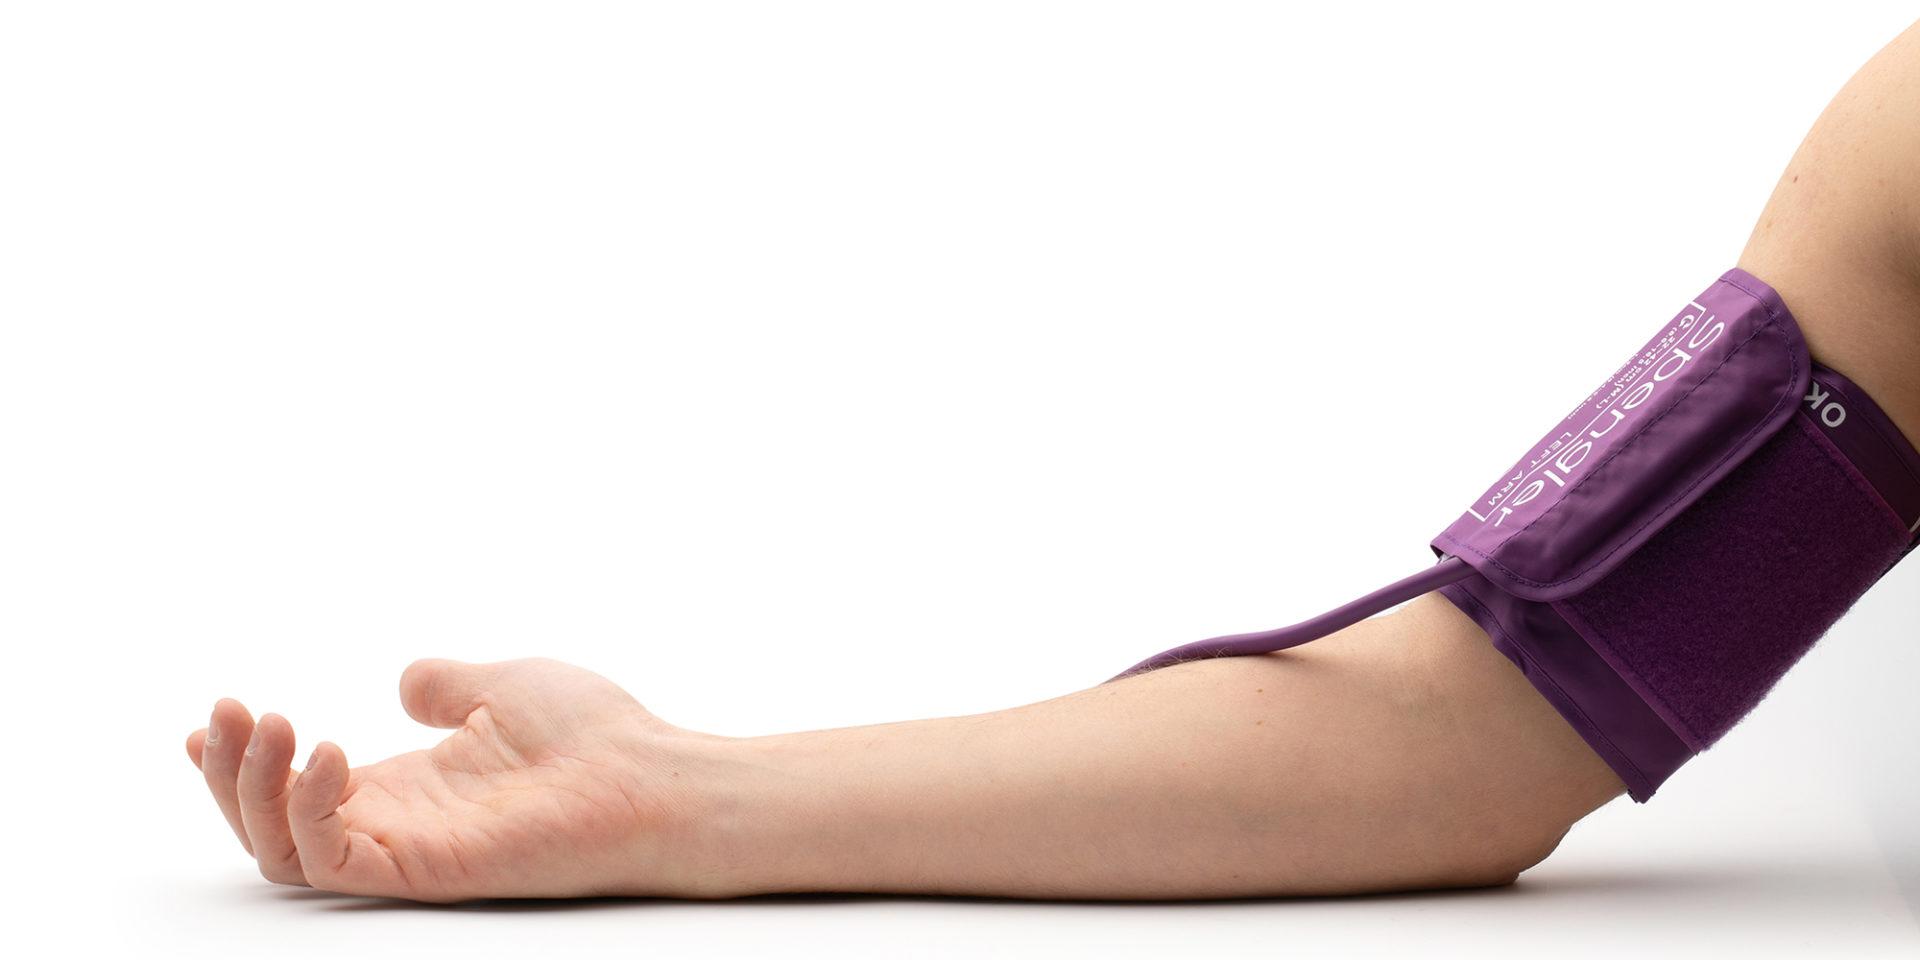 autotensio-bras-brassard